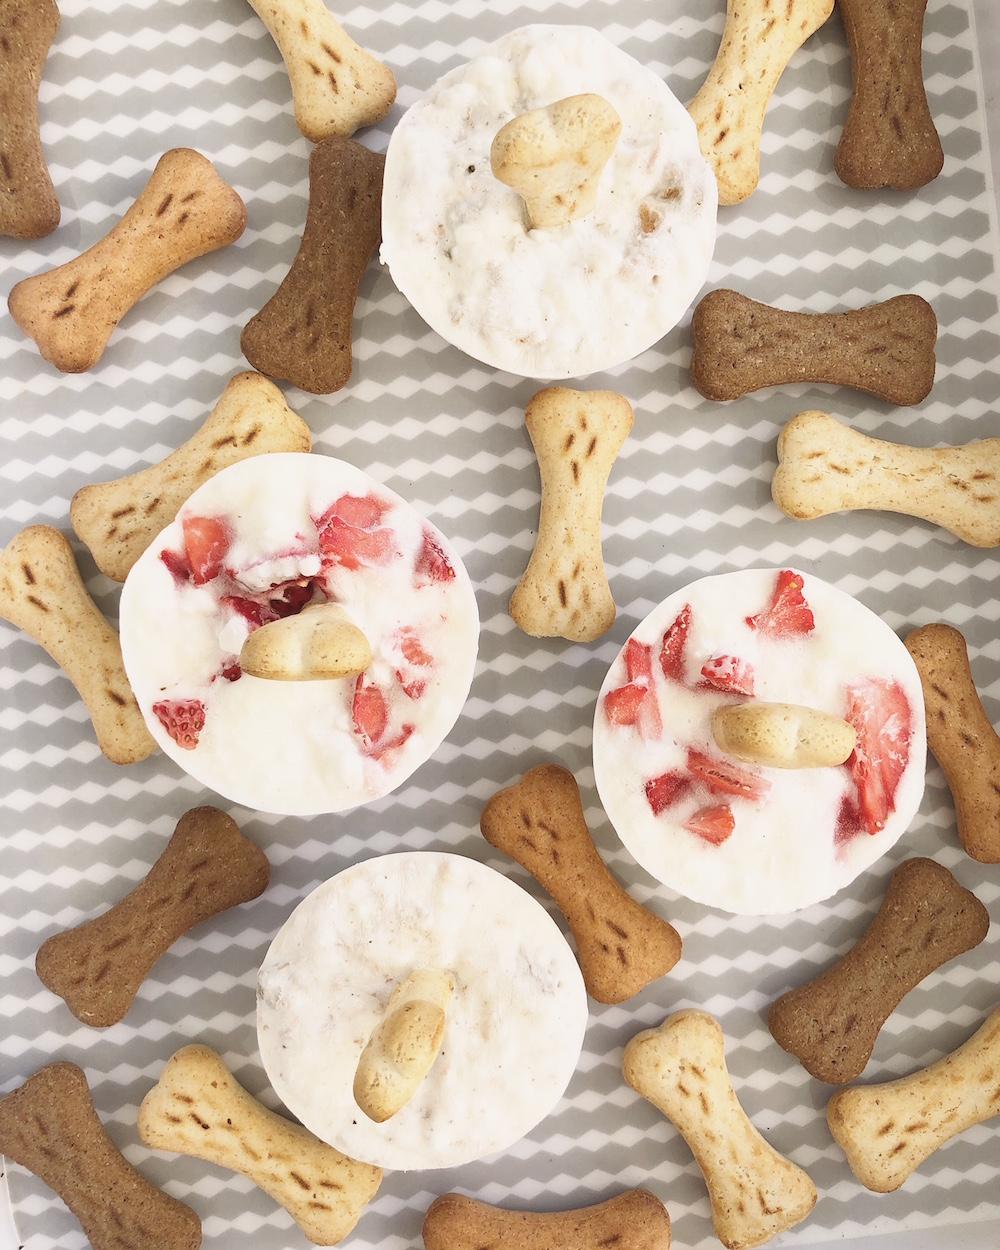 Selbstgemachte Pupsicles, Hunde-Eis, in den Sorten Strawberry Cheesecake und Leberwurst-Cookie Dough.